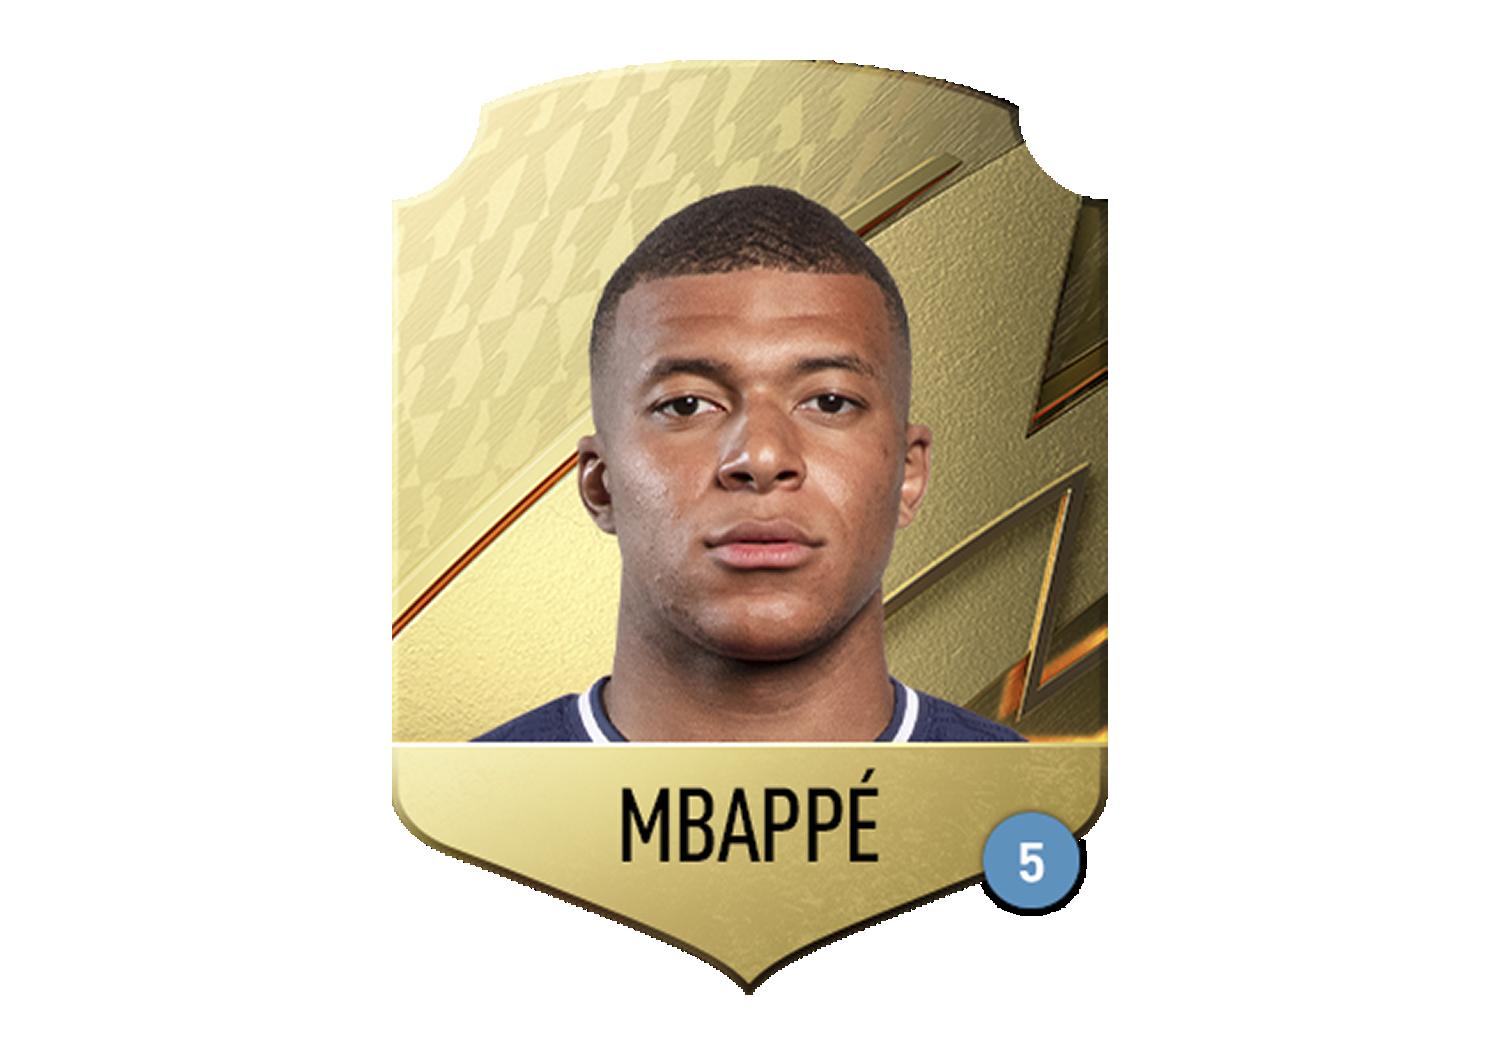 Mbappe loan item icon